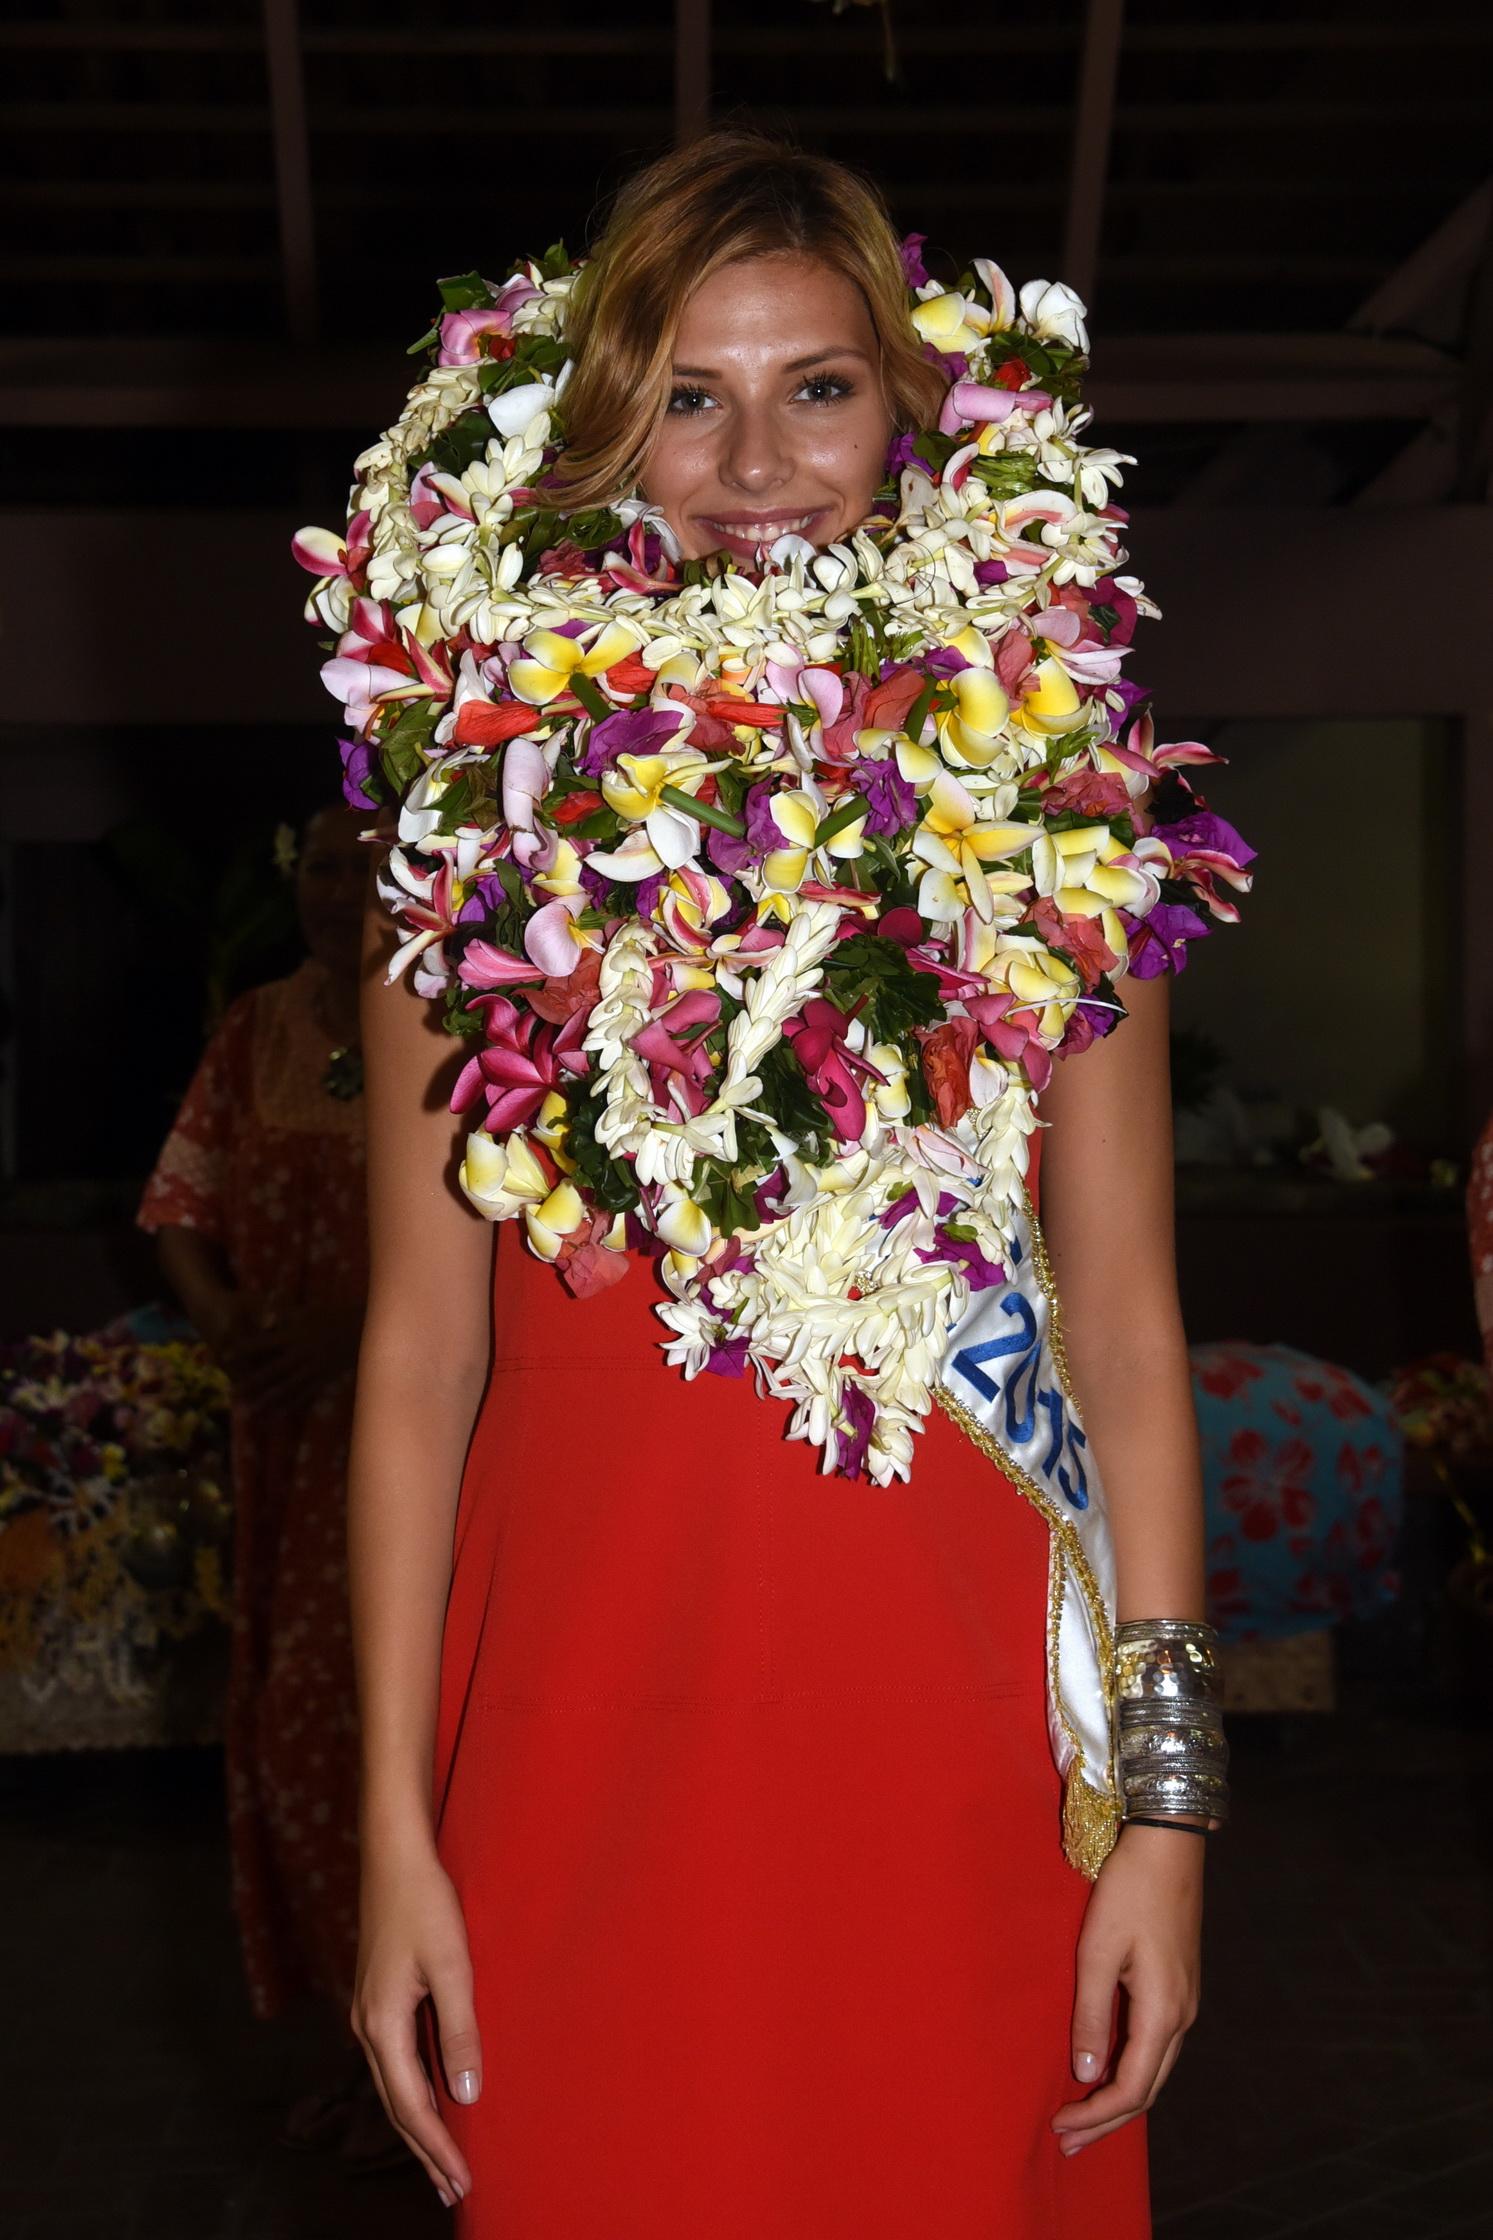 Qui se cache sous ces fleurs? Camille Cerf, Miss France, submergée par les colliers offerts!